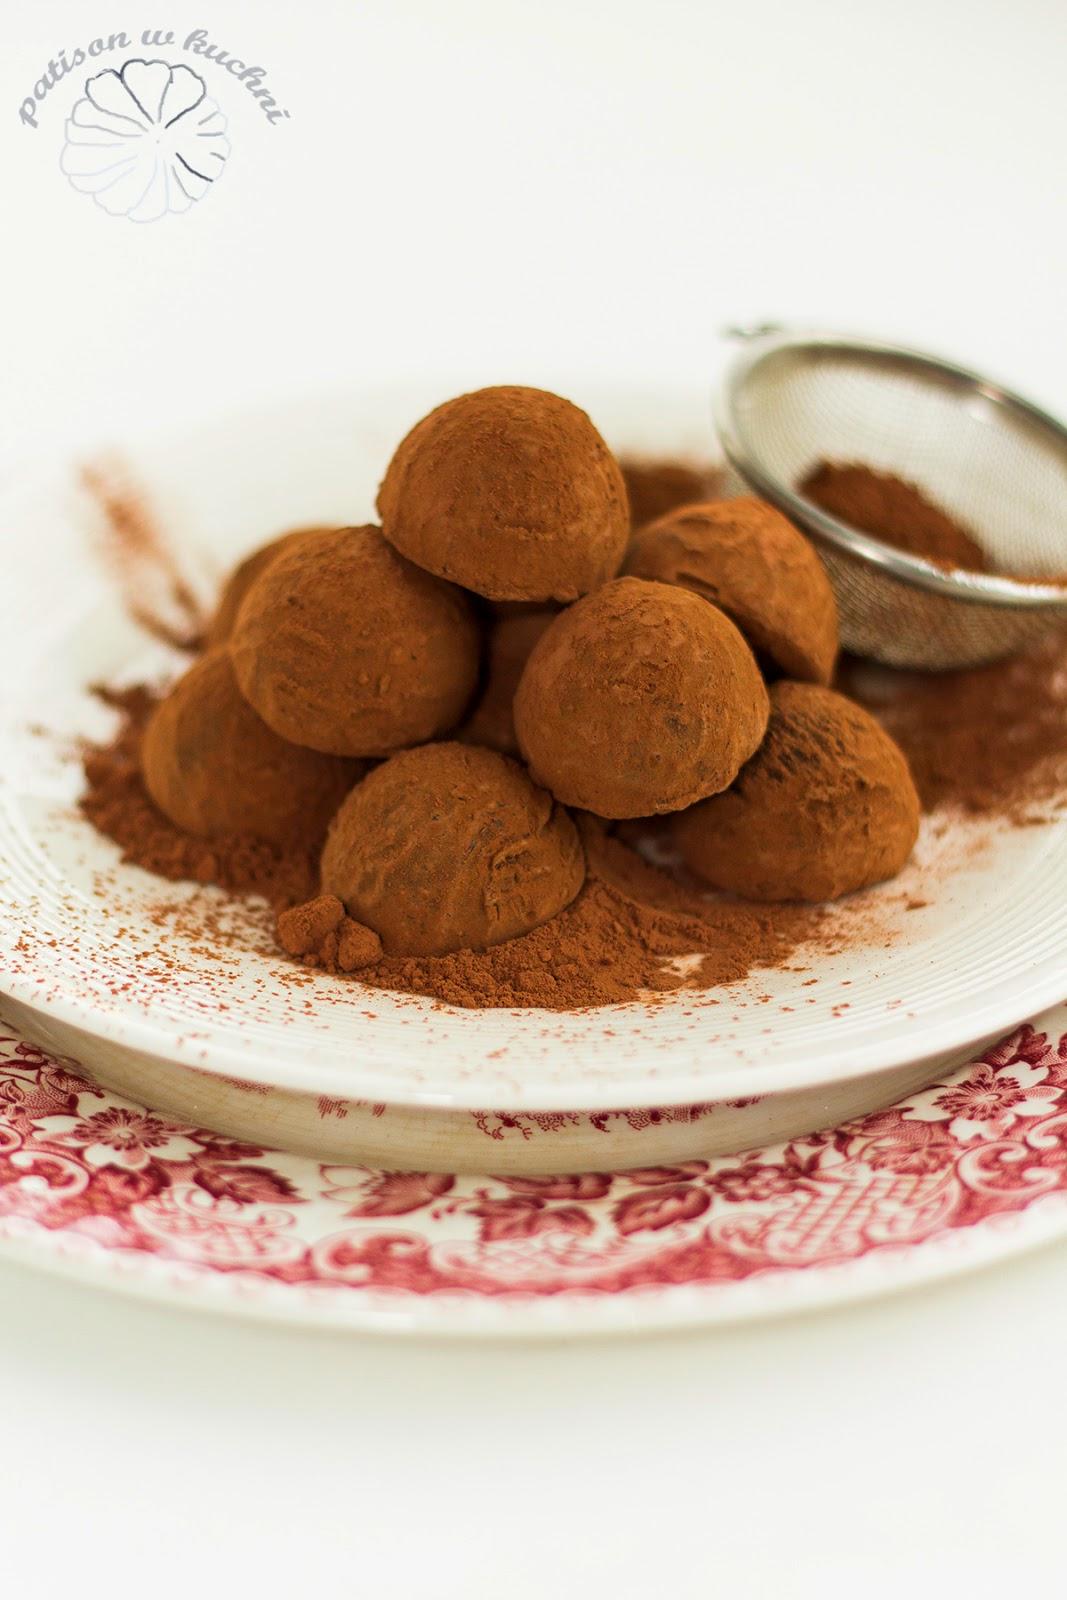 Truffles in cocoa